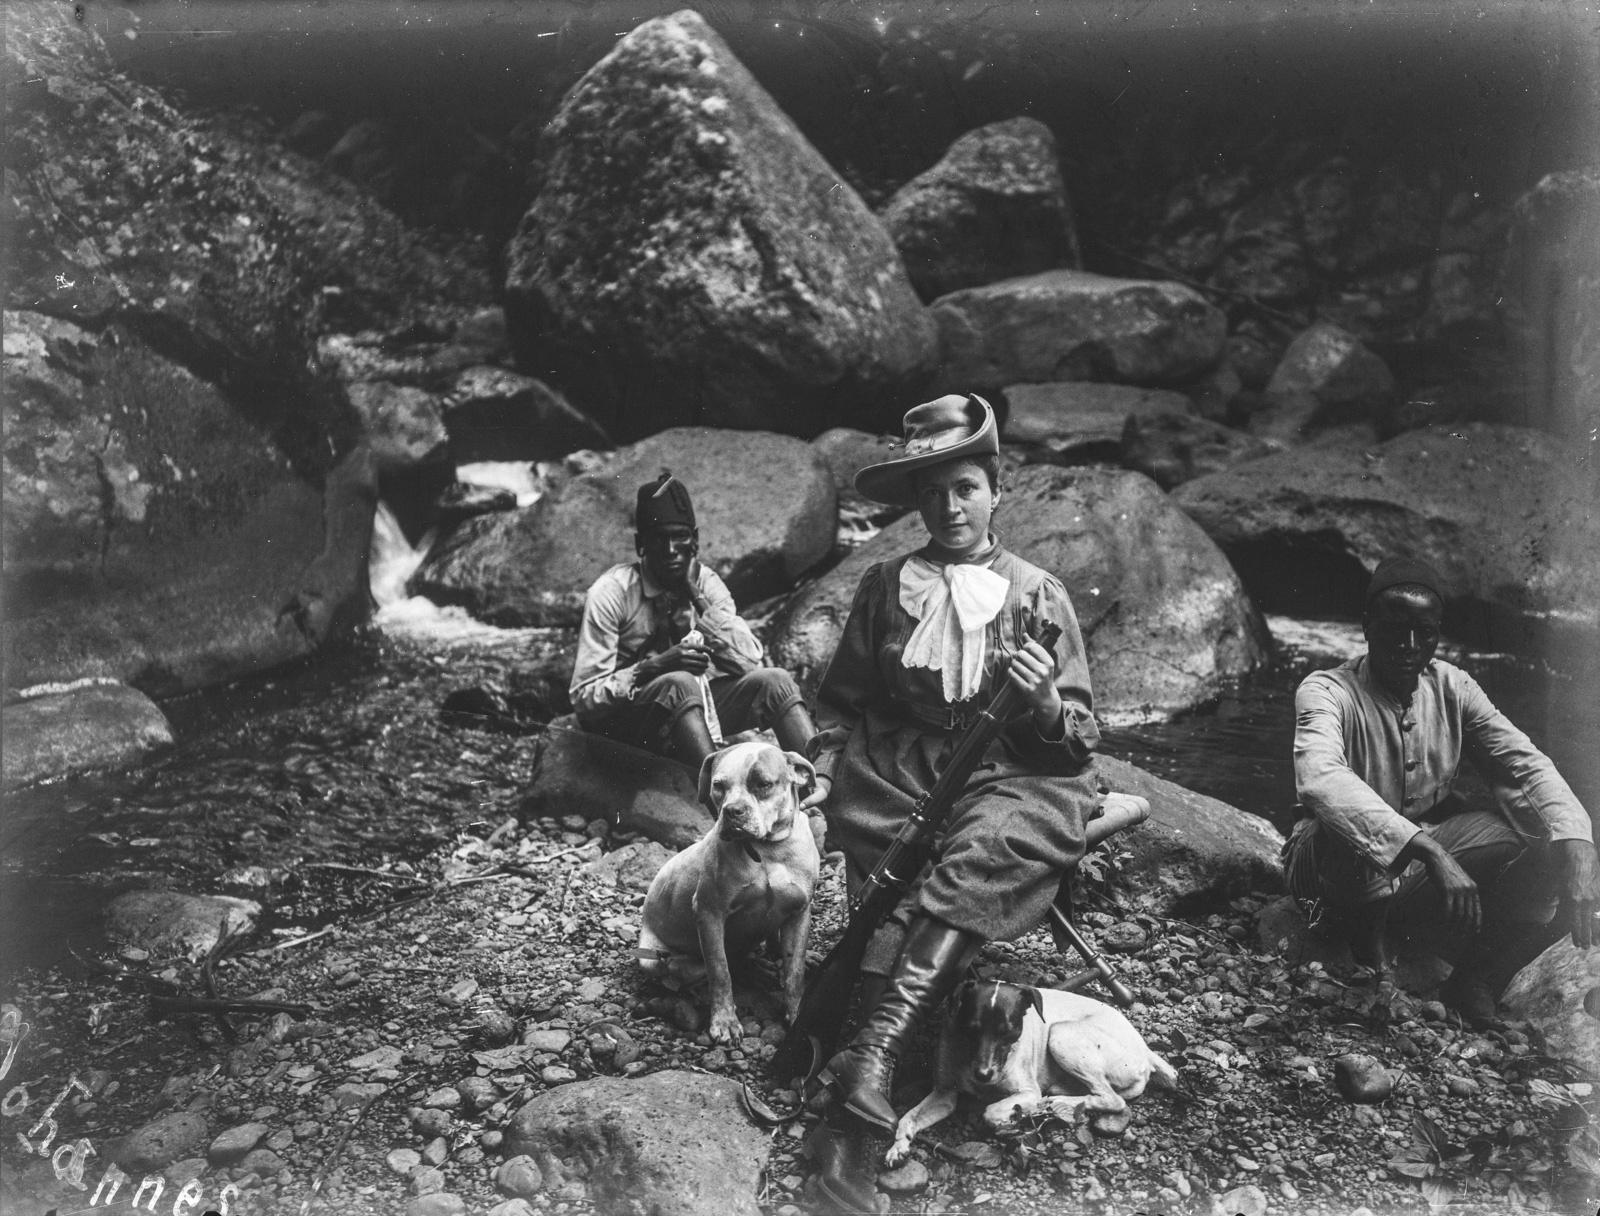 266. Портрет Эмели Йоханнес во время охоты с дробовиком. Ее сопровождают двое мужчин и собаки